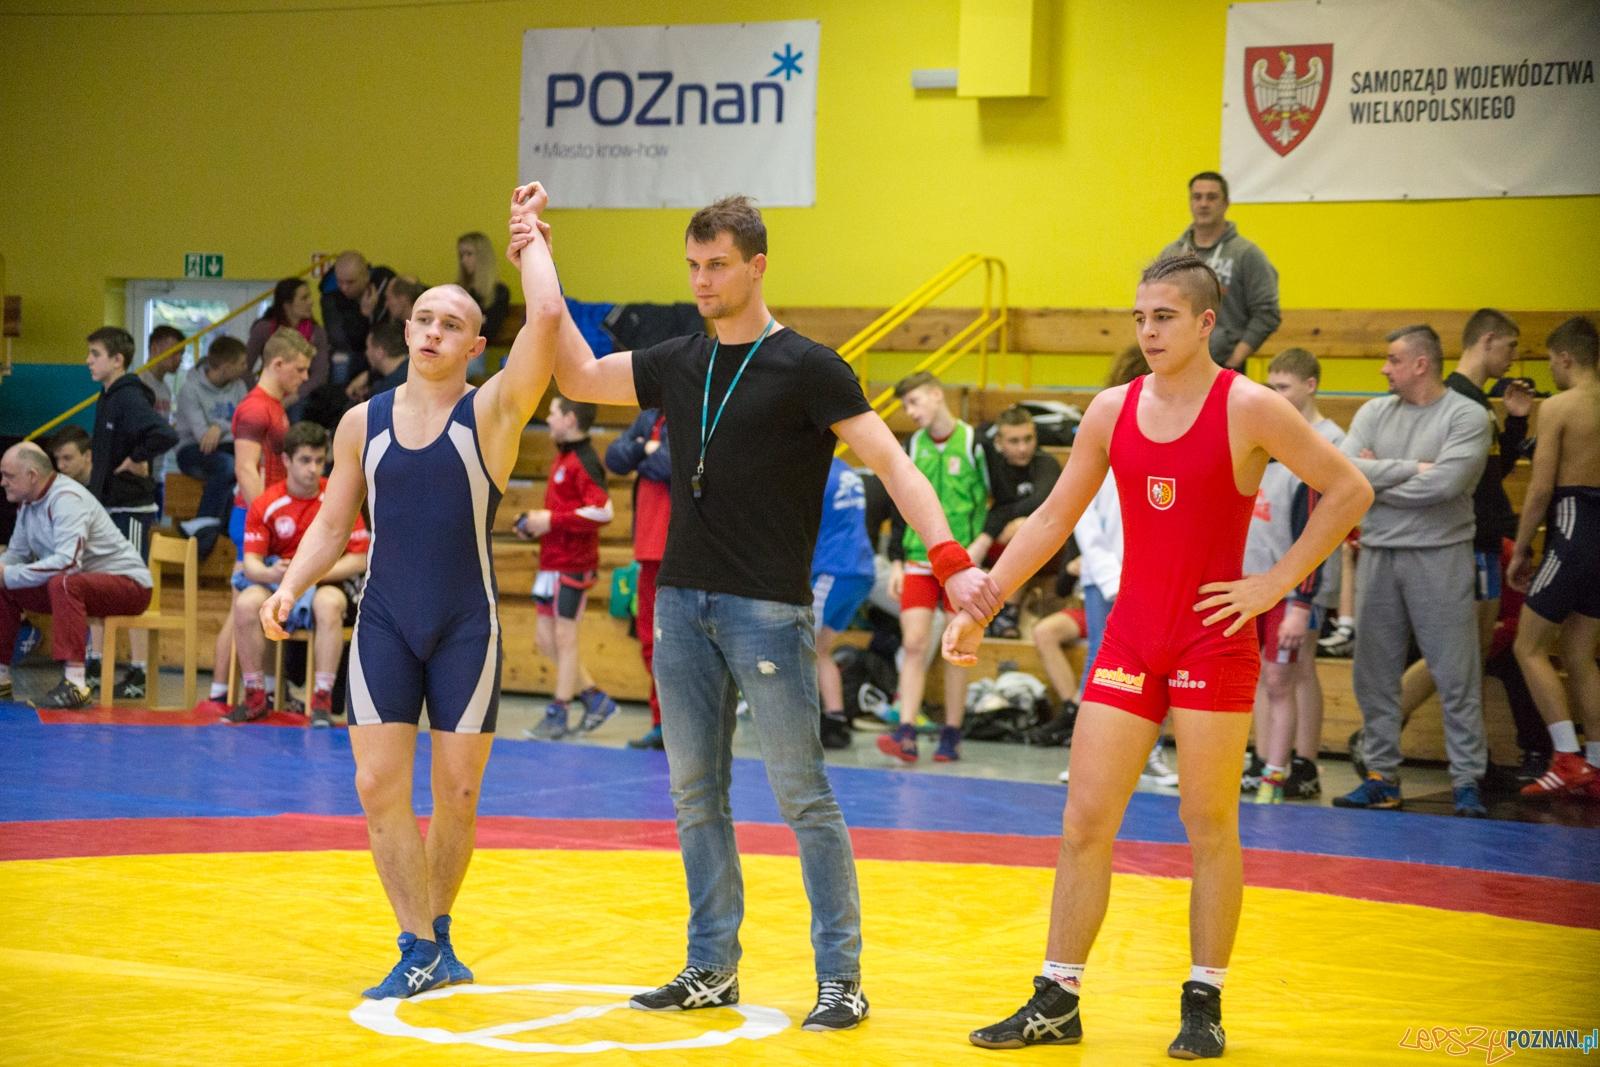 XXV Międzynarodowy Turniej o Puchar Sobieskiego  Foto: lepszyPOZNAN.pl / Piotr Rychter